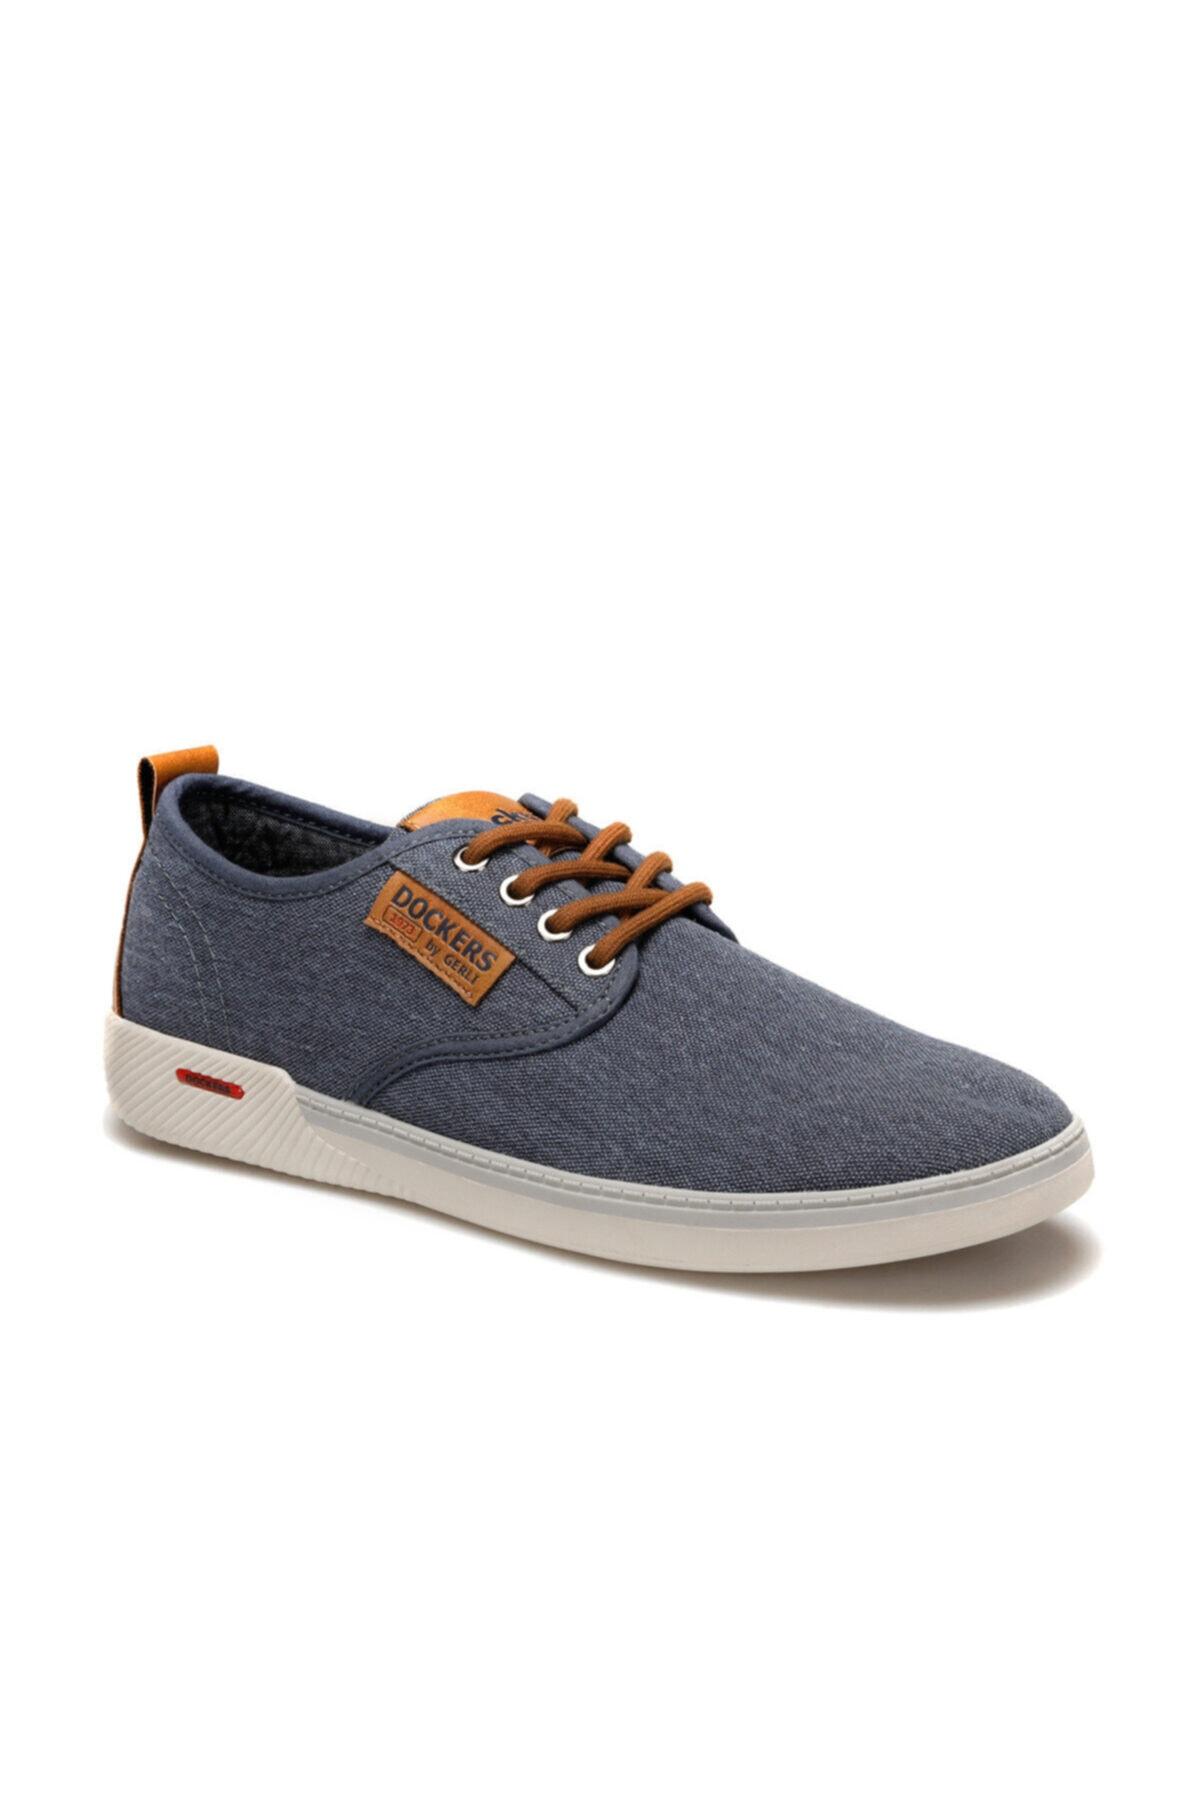 228525 Lacivert Erkek Günlük Ayakkabı